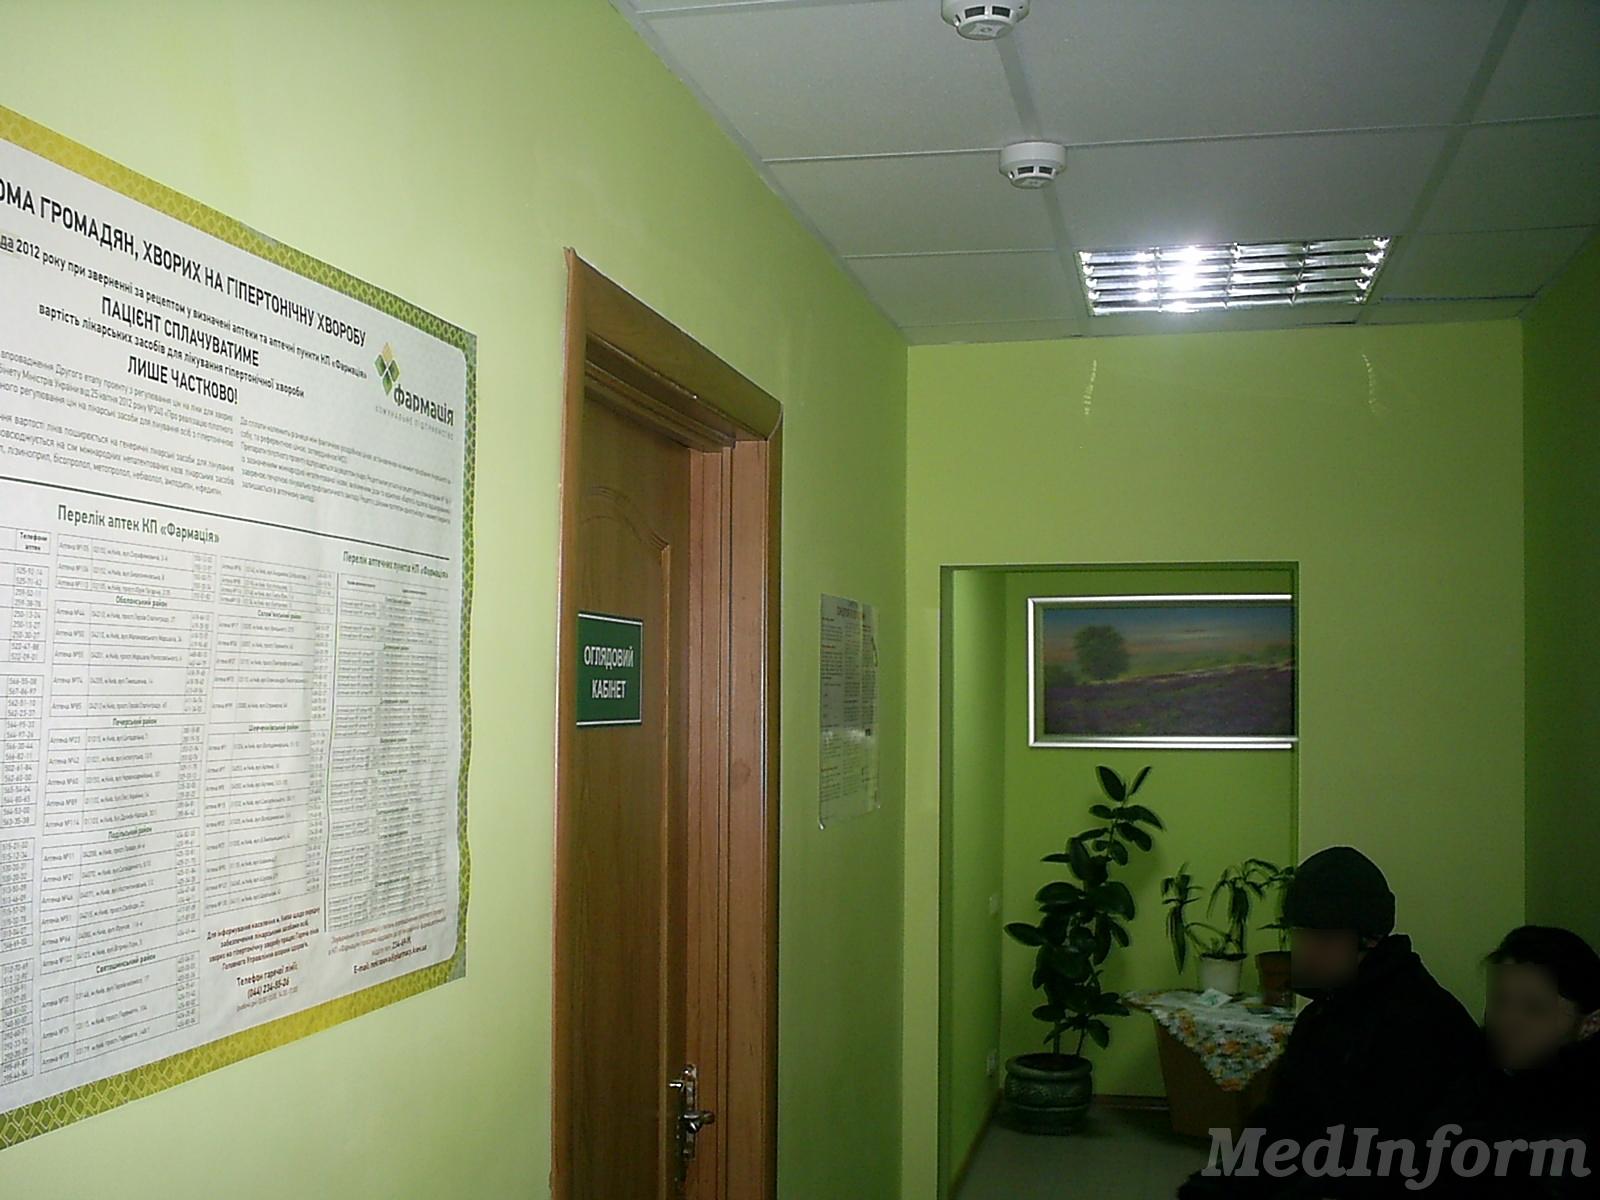 Номер телефона 6 поликлиники г тверь